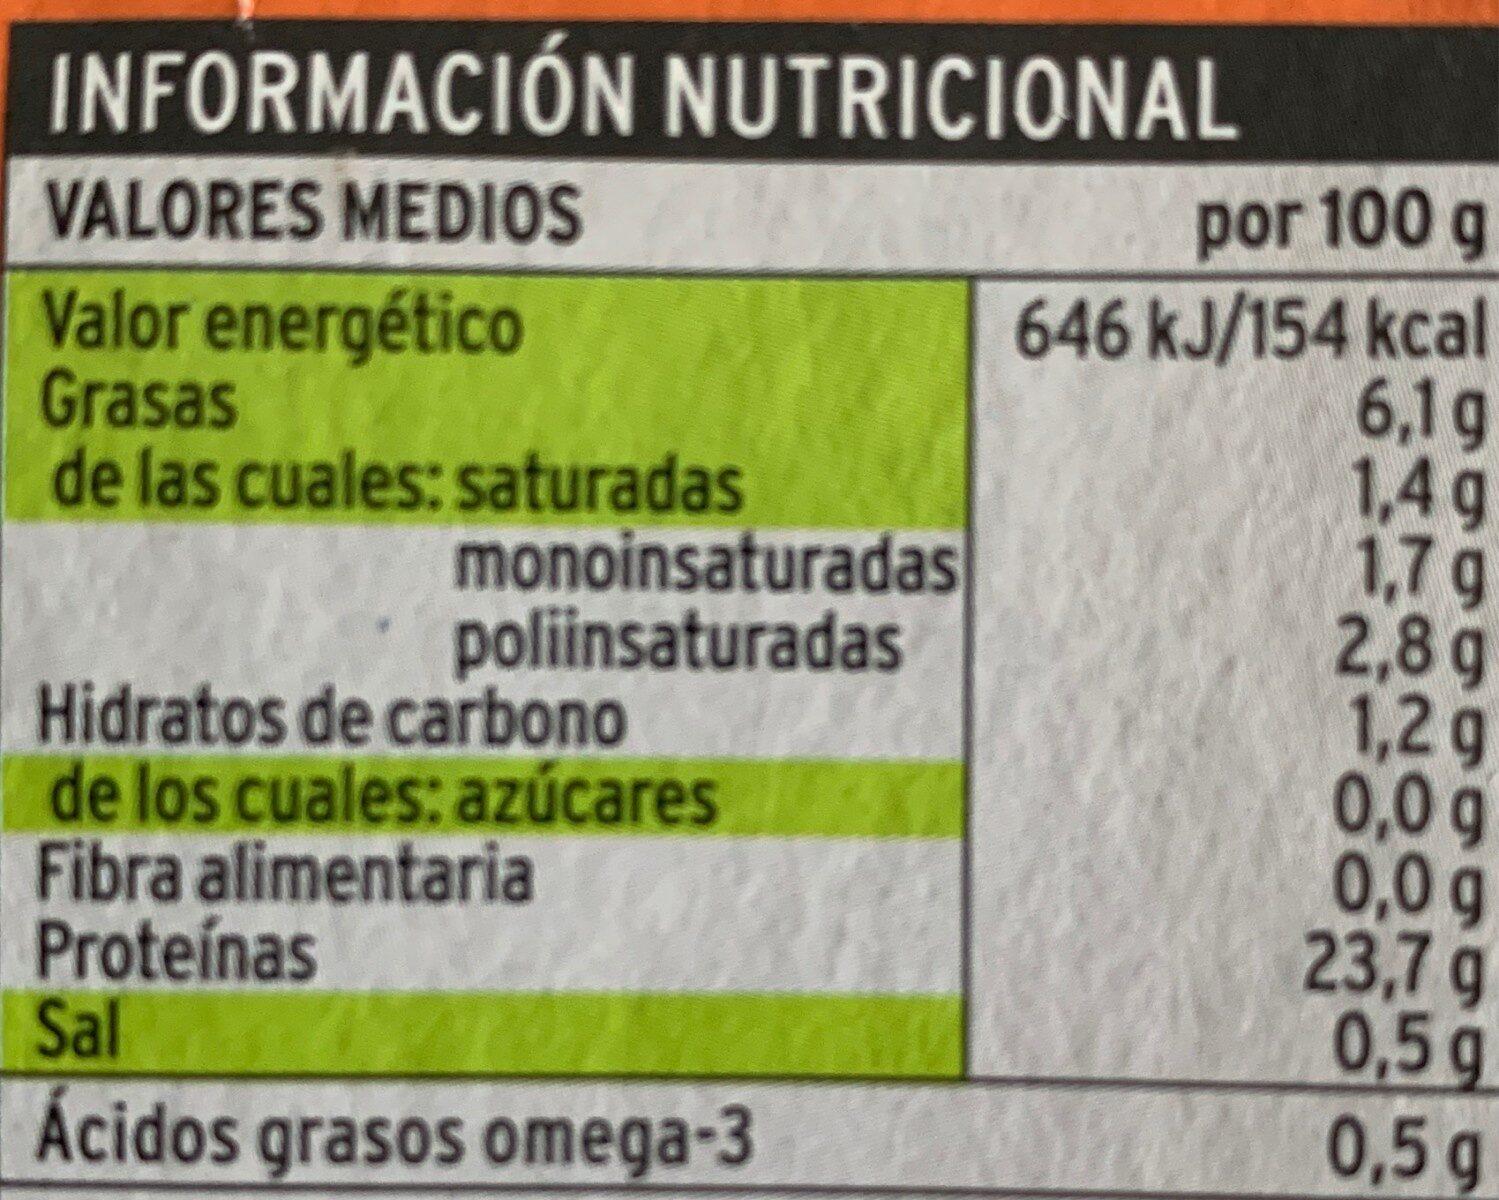 Caballa del sur en escabeche - Informació nutricional - es